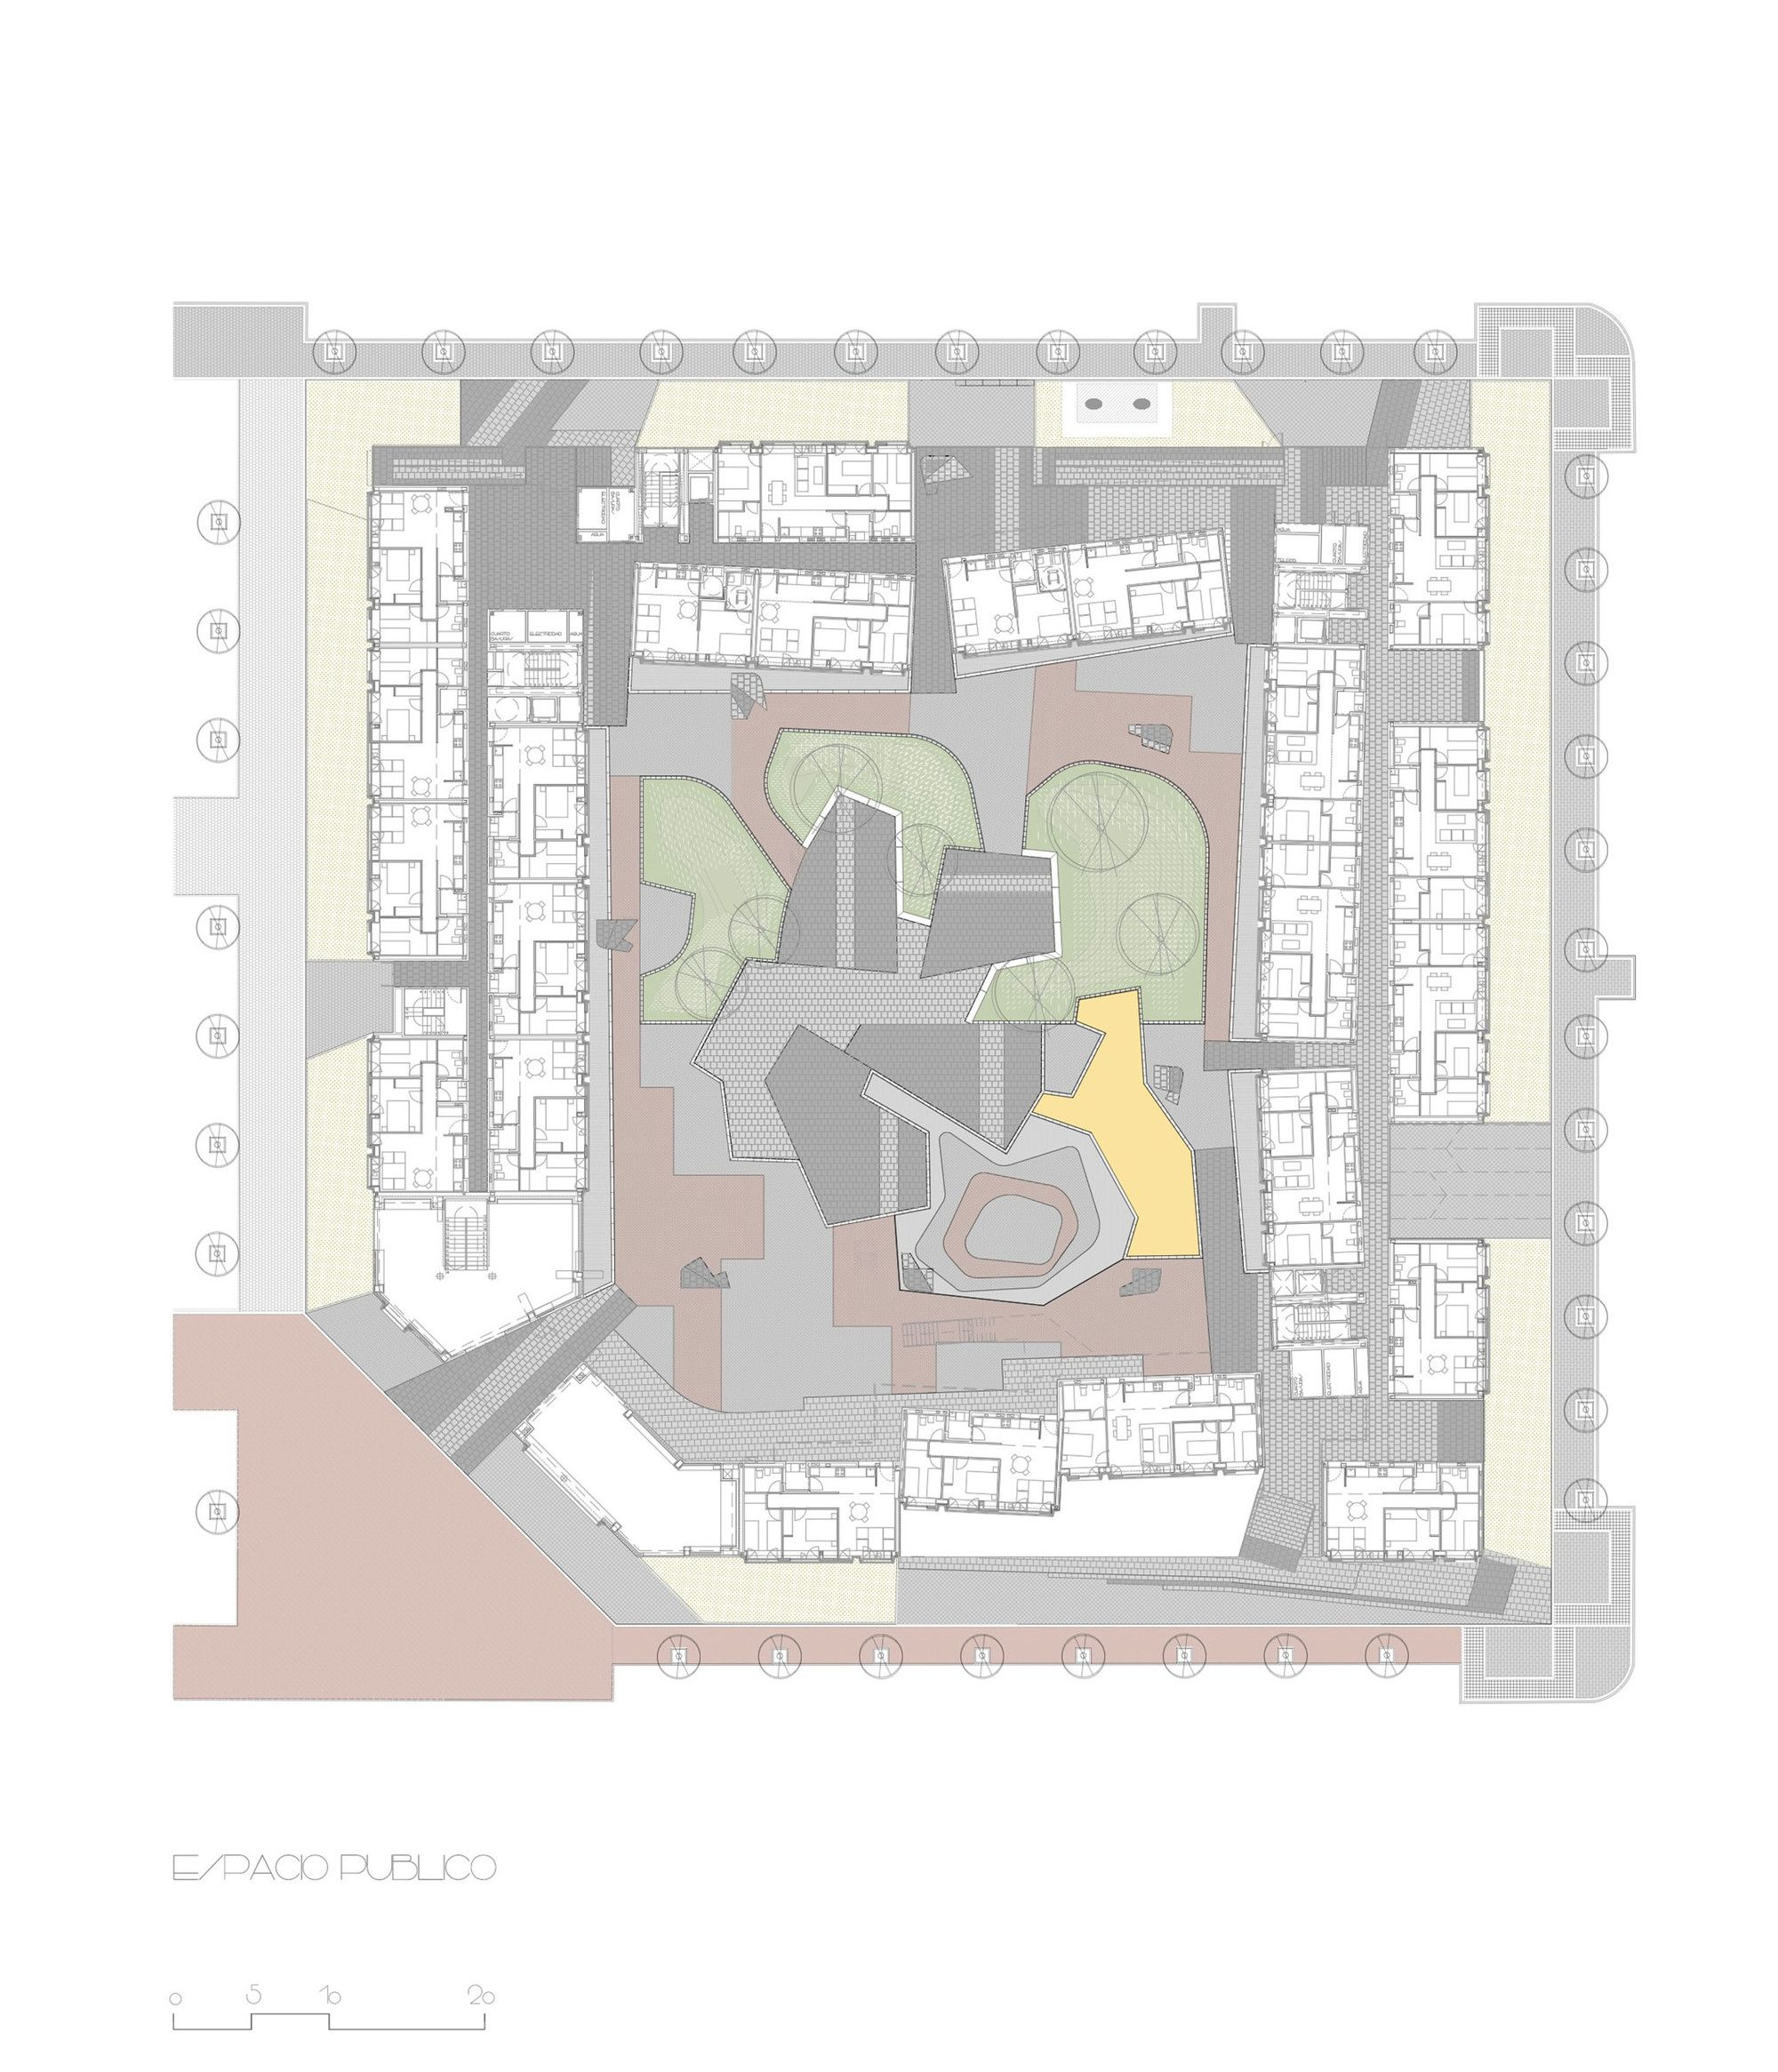 Galería - Bloque De Viviendas Sociales En Barajas / EMBT - 21